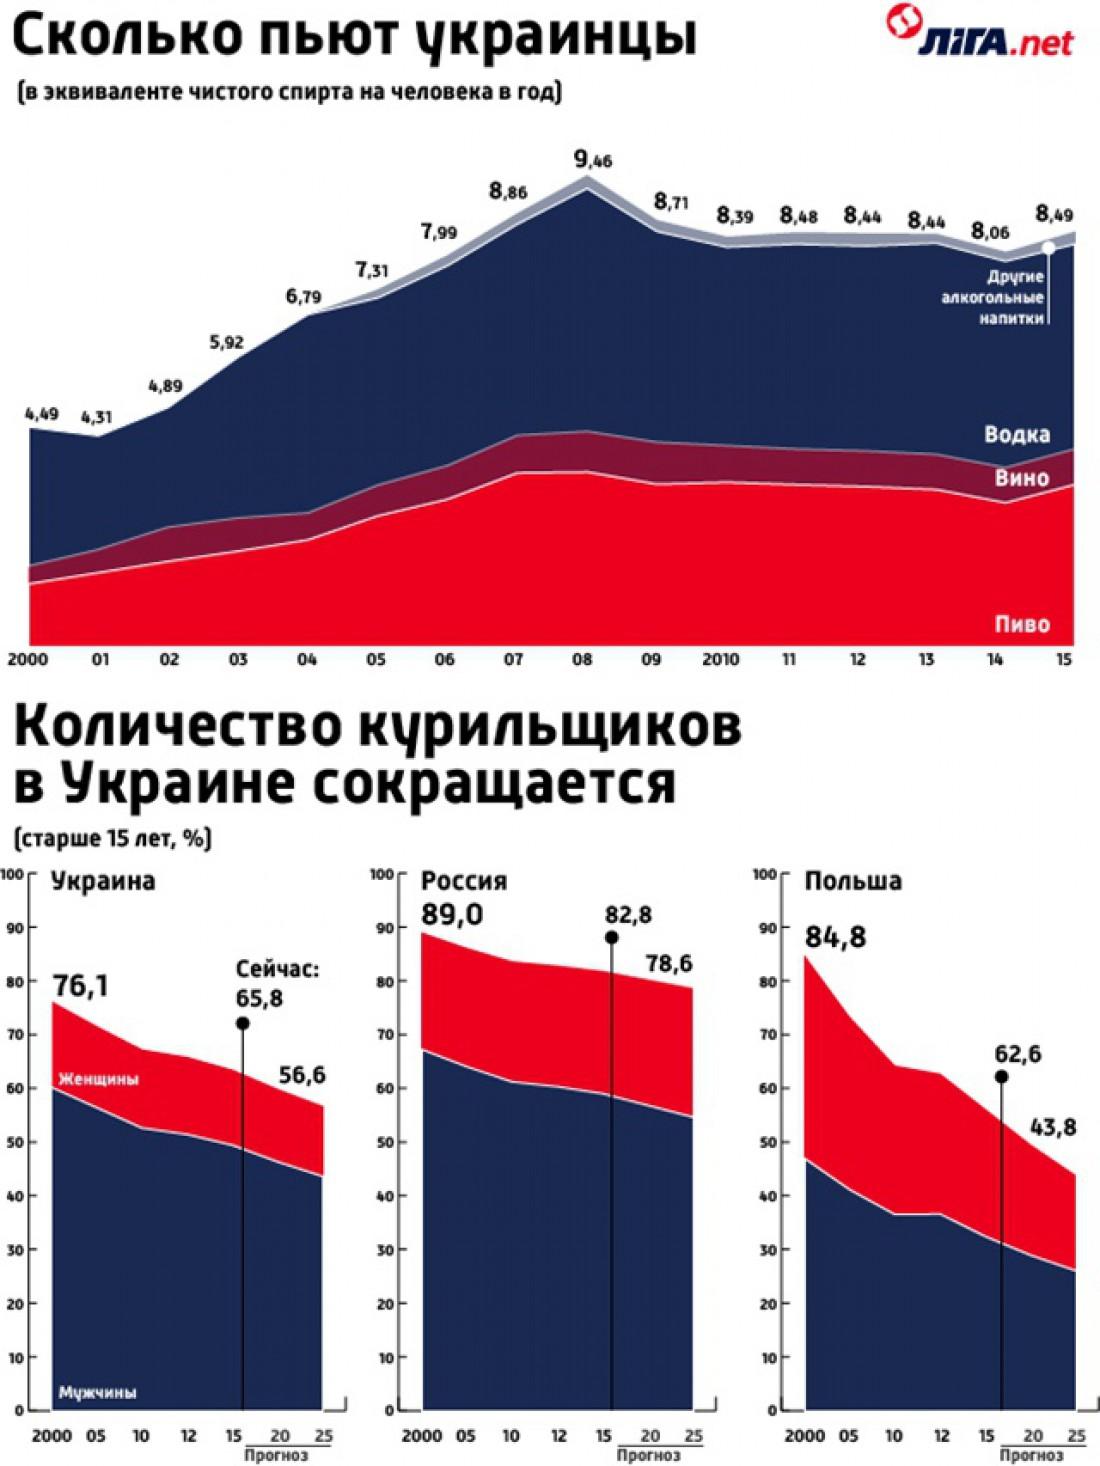 Сколько пьют и курят украинцы